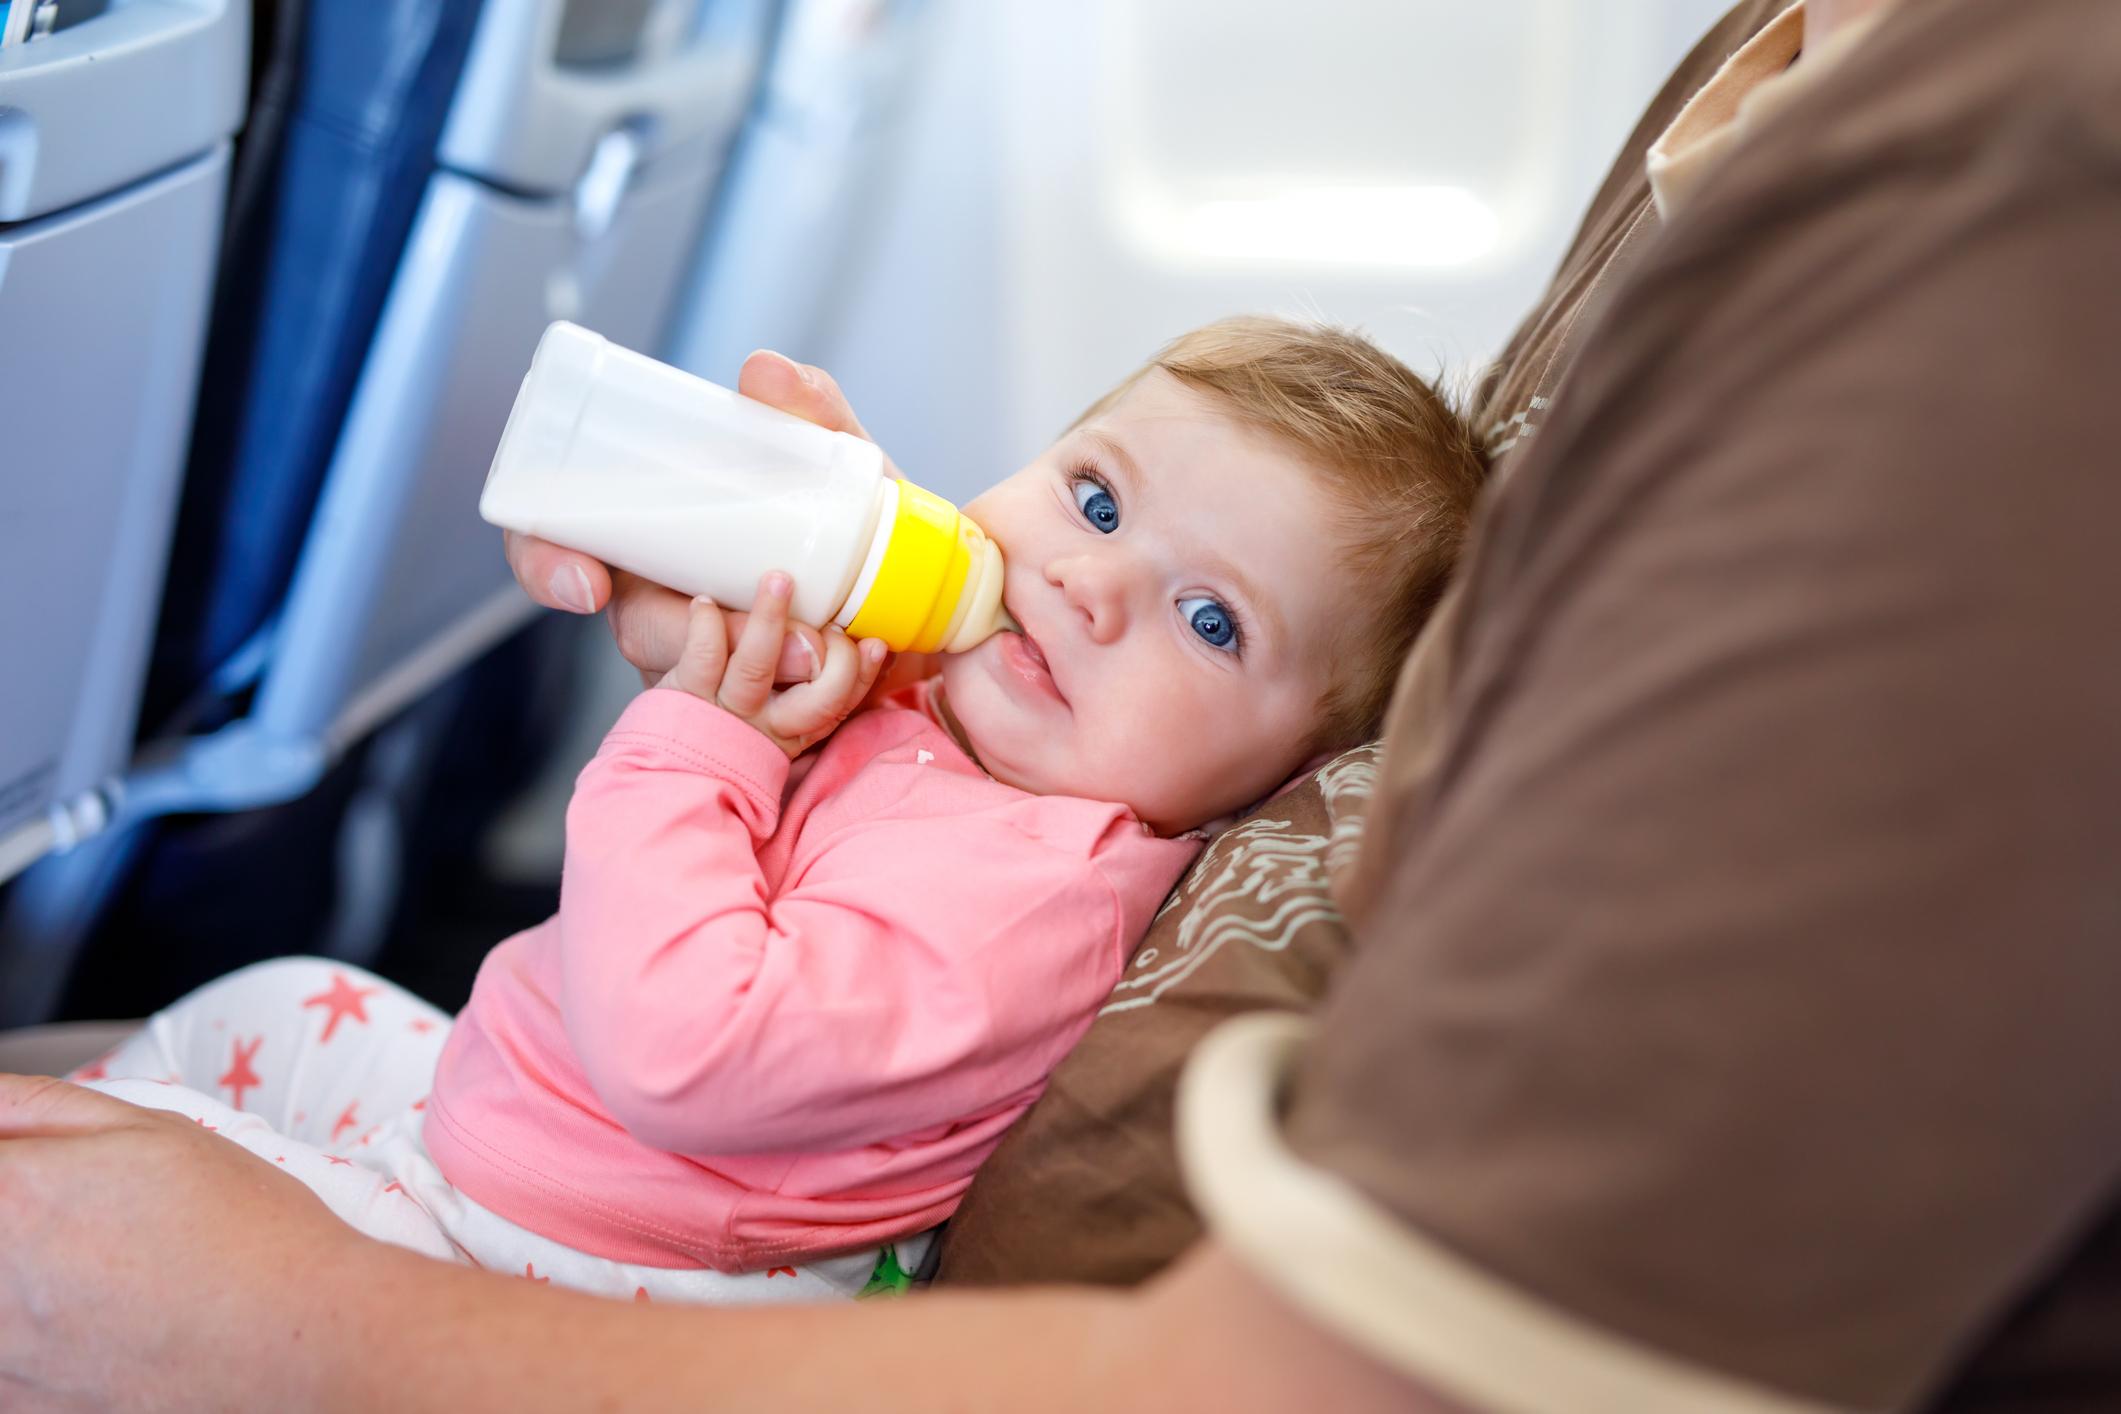 Можна брати дитяче харчування та молоко в літак: відповіді на популярні питання